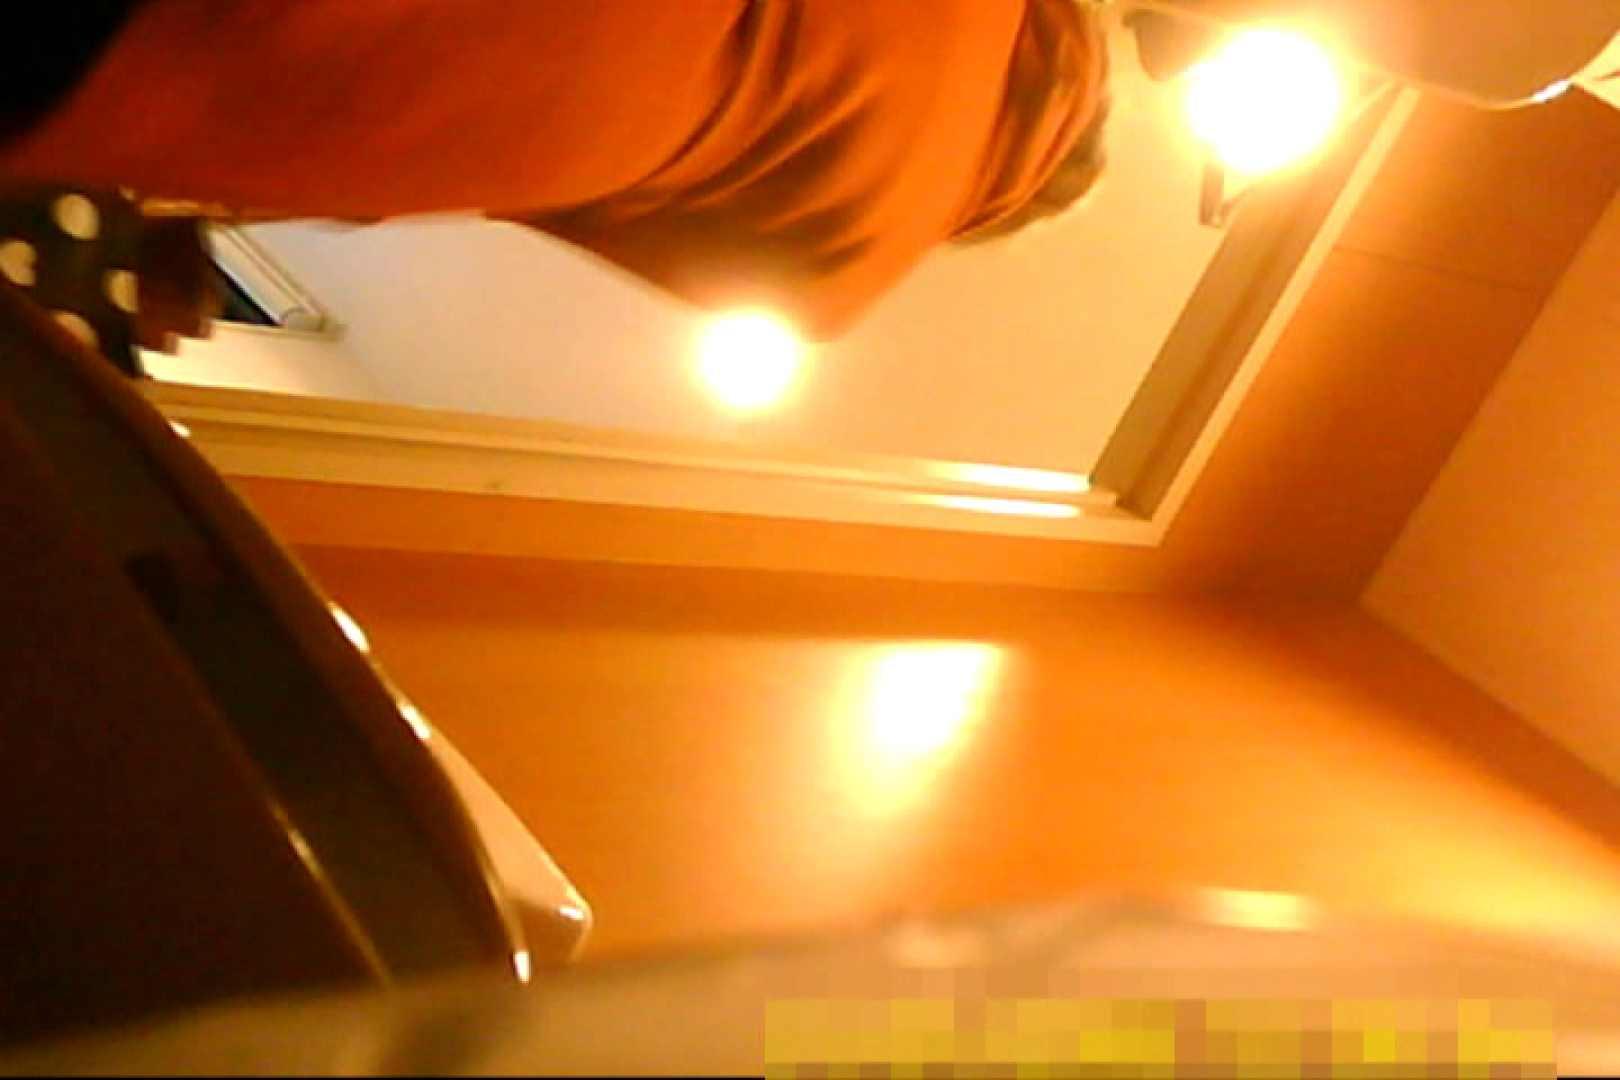 魅惑の化粧室~禁断のプライベート空間~vol.6 プライベート えろ無修正画像 78連発 13